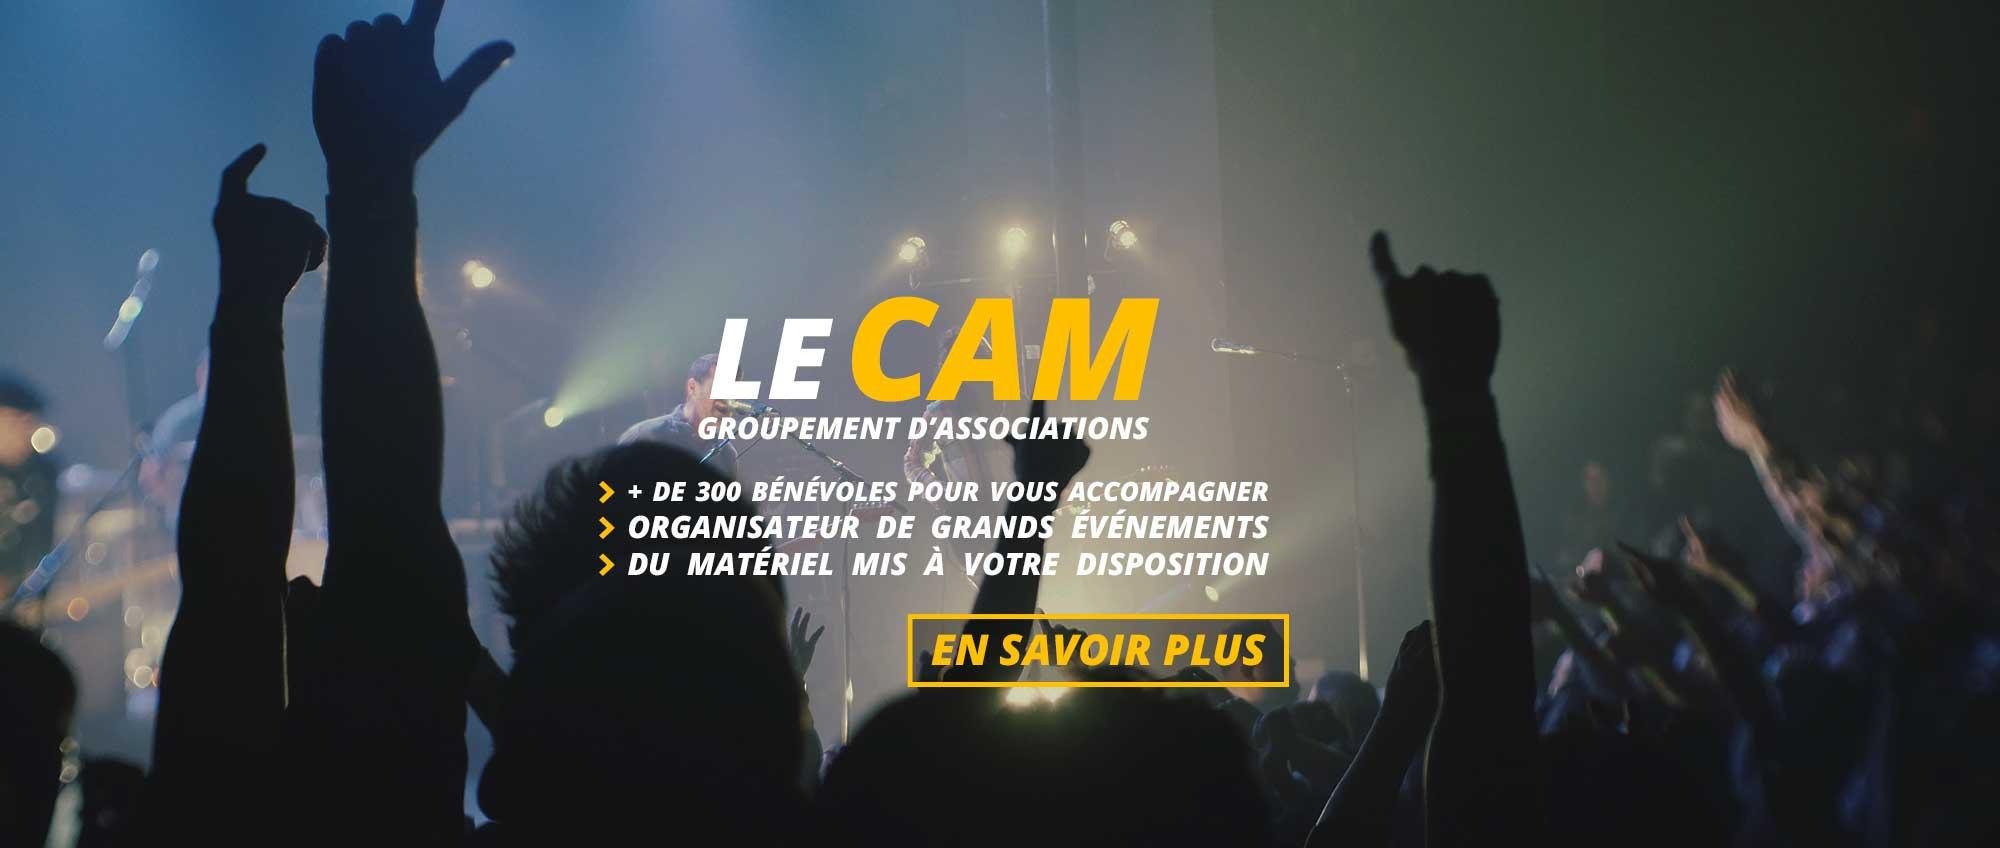 Le CAM – Accueil – organisation d'événementiel